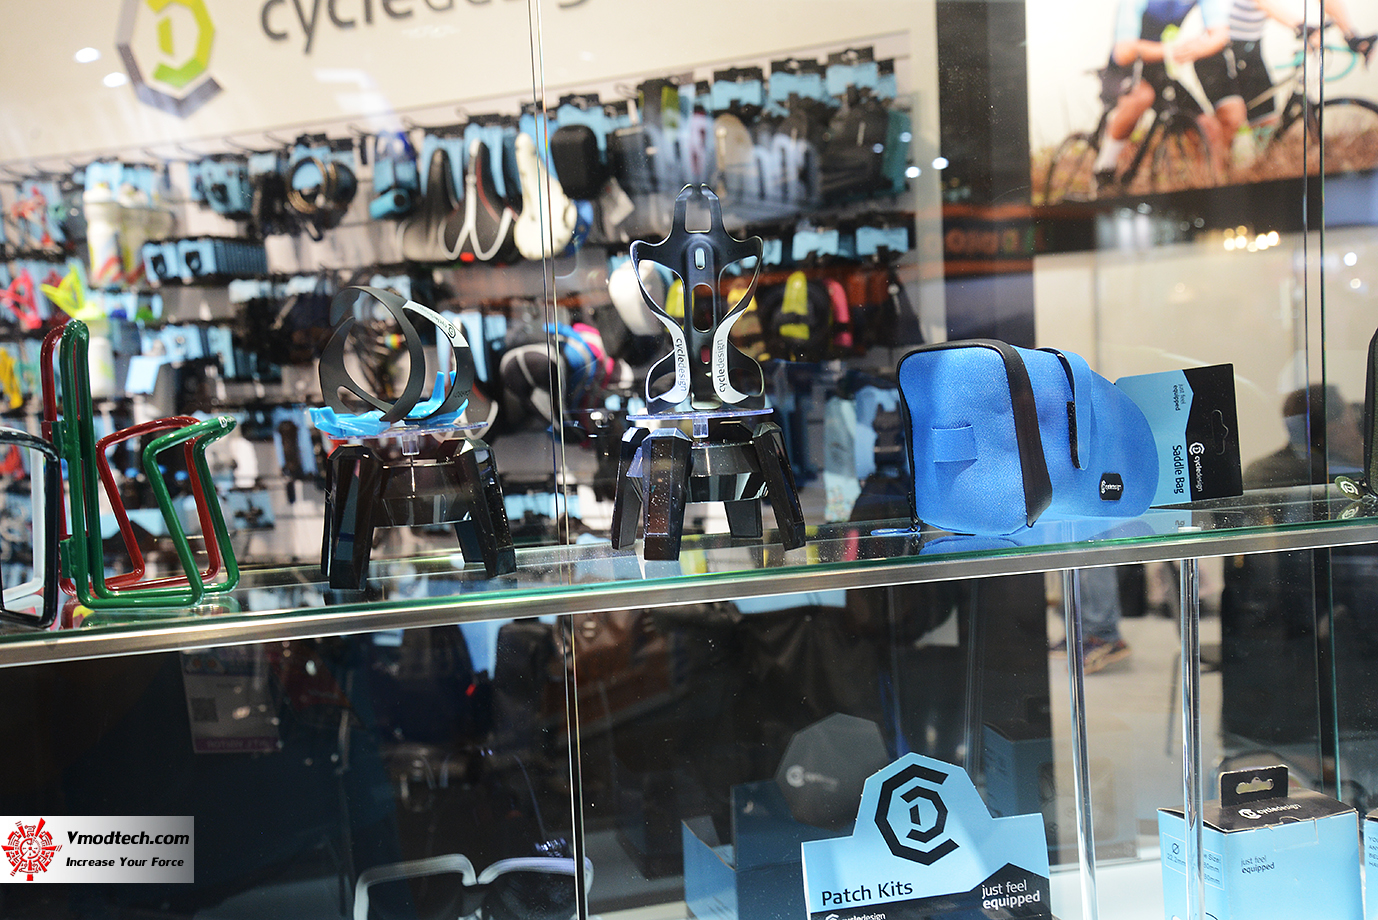 dsc 9166 เยี่ยมชมงาน TAIPEI CYCLE 2019 งานของคนรักจักรยาน ณ กรุงไทเป ประเทศไต้หวัน